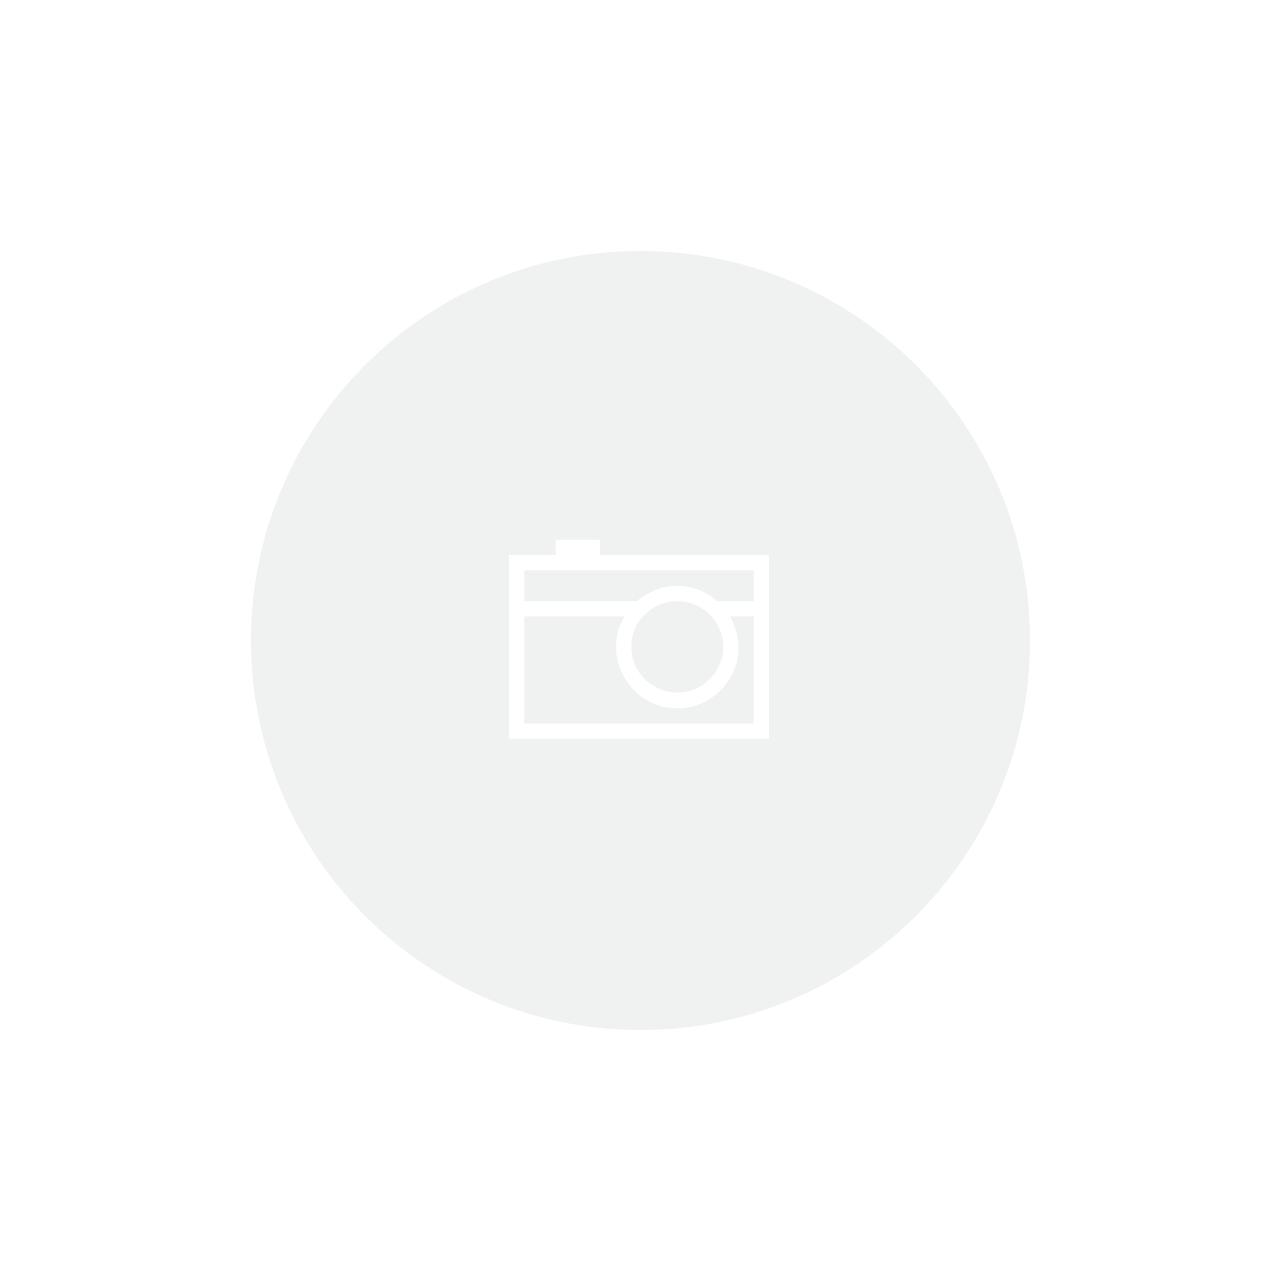 Pente 30cm Azul Duplo Oval - ProPetz